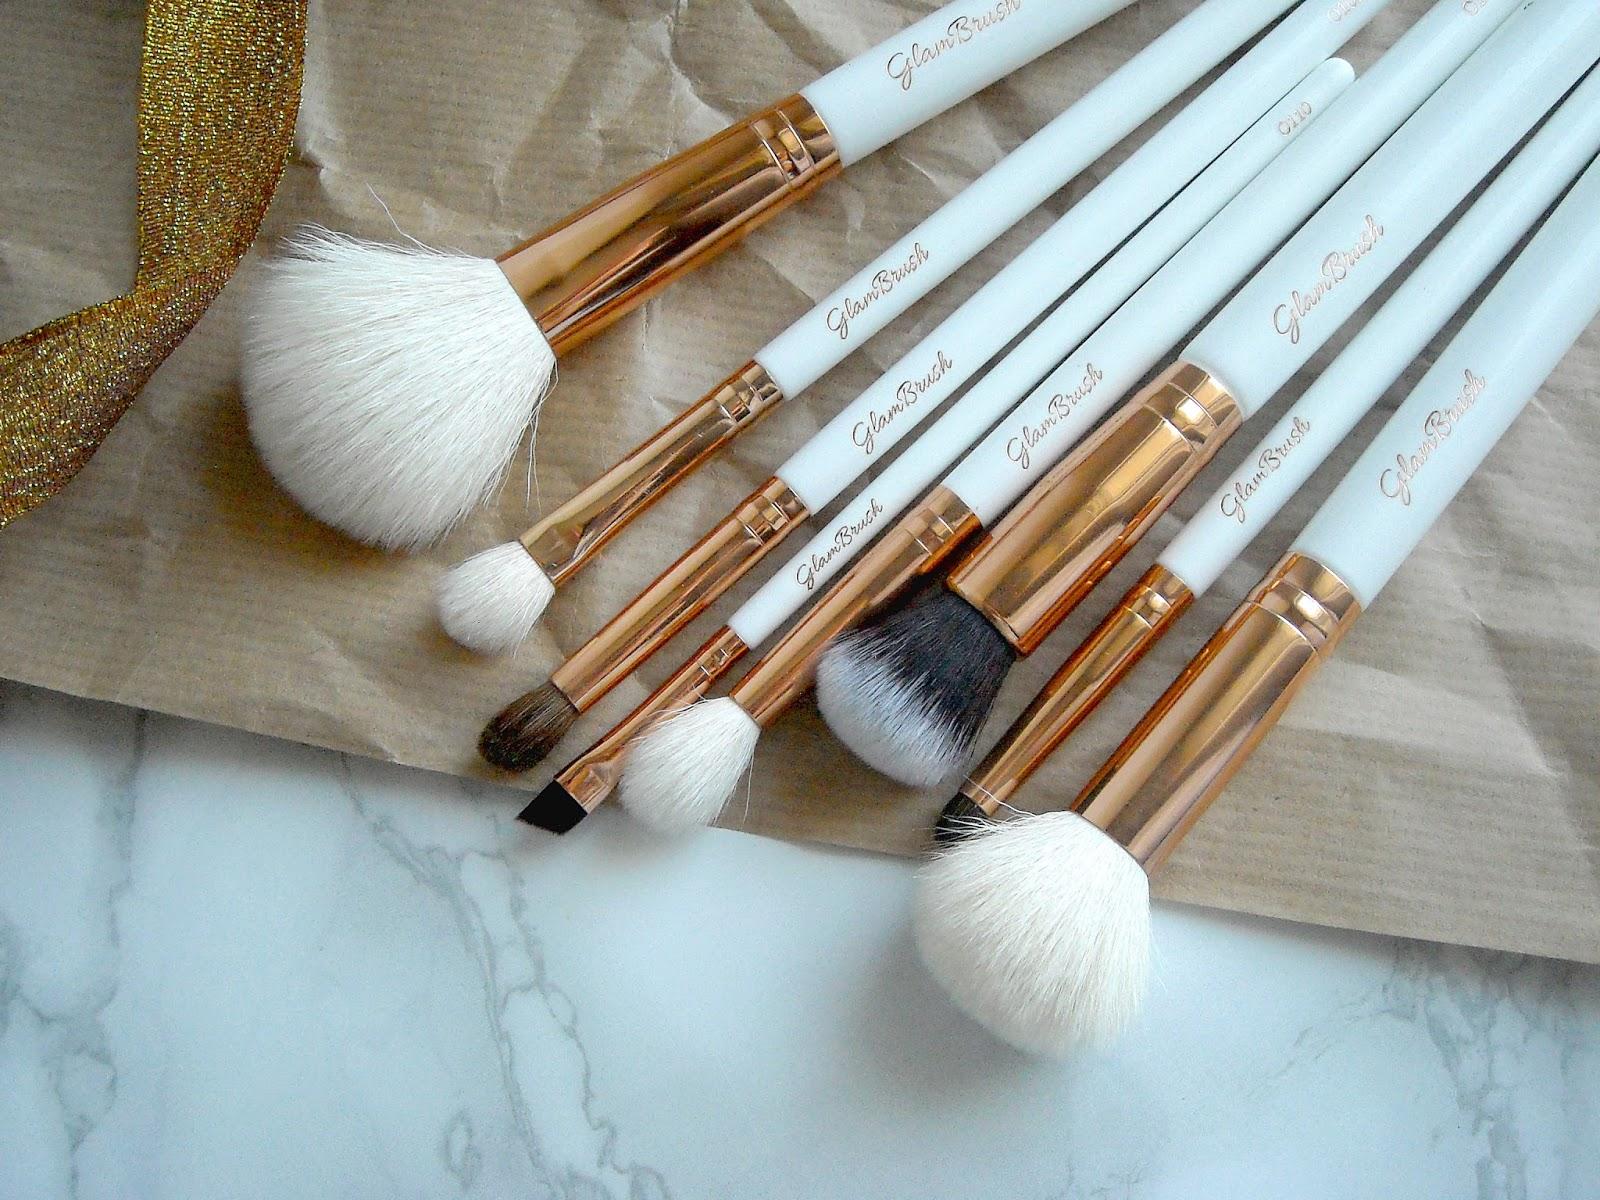 Zestaw pędzli do makijażu GlamBrush zbliżenie, włosie naturalne i syntetyczne.